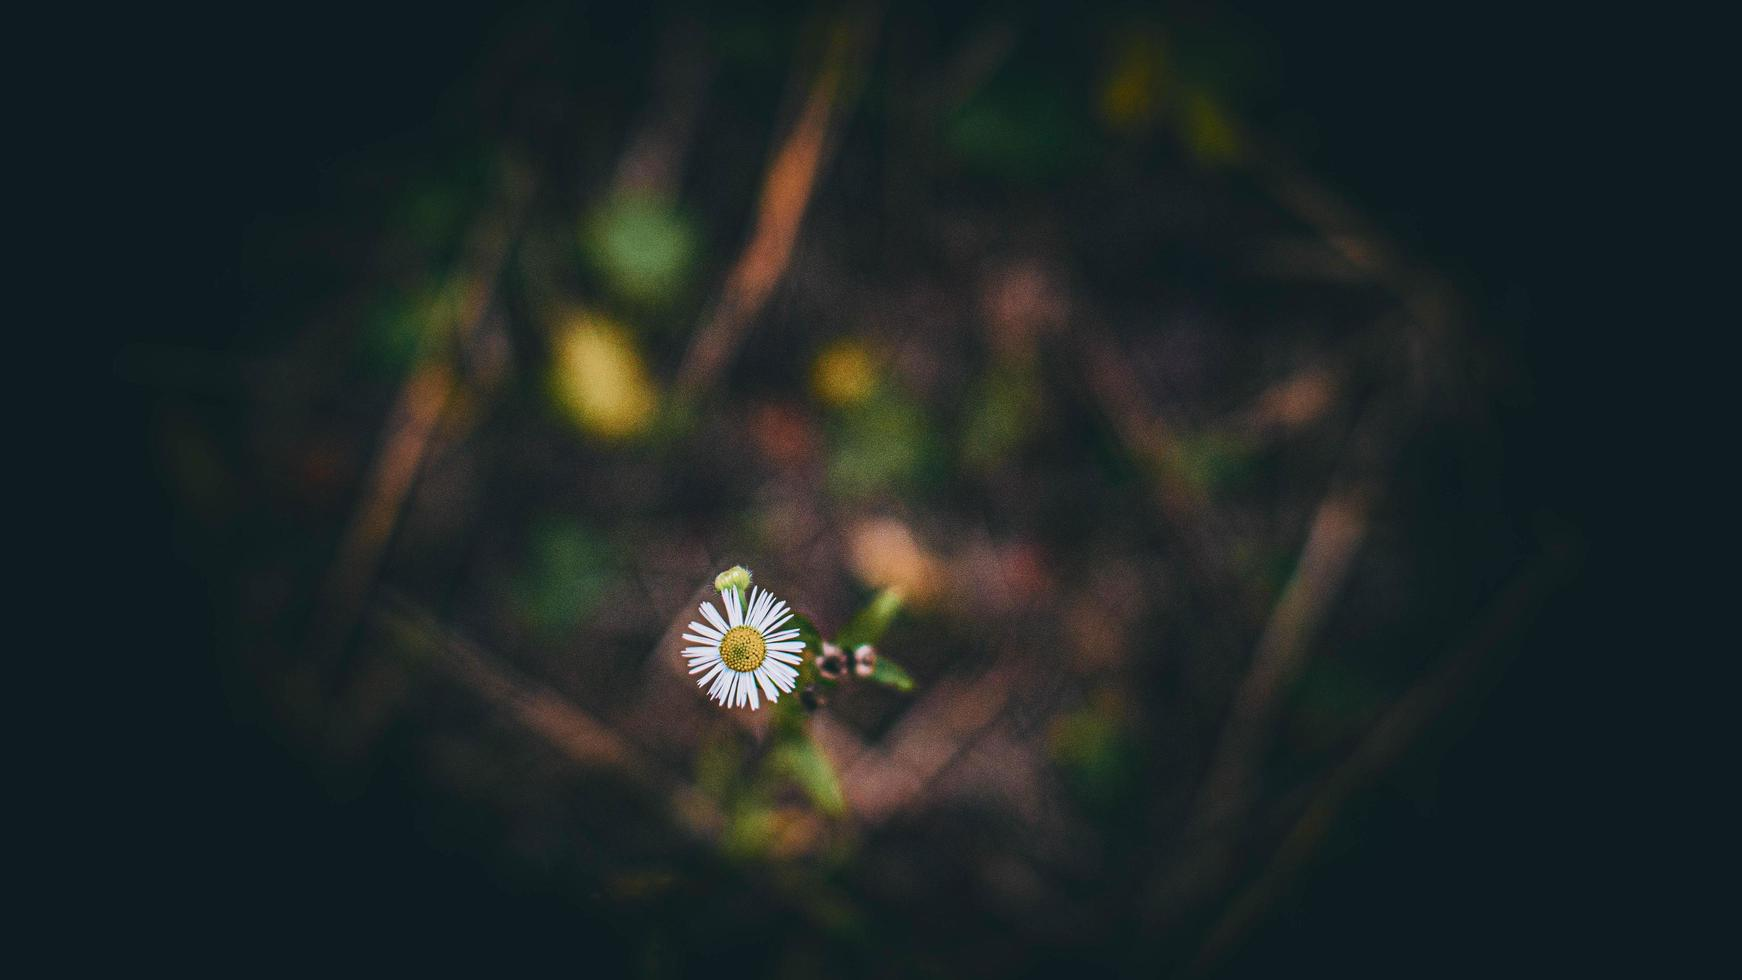 piccolo fiore margherita foto